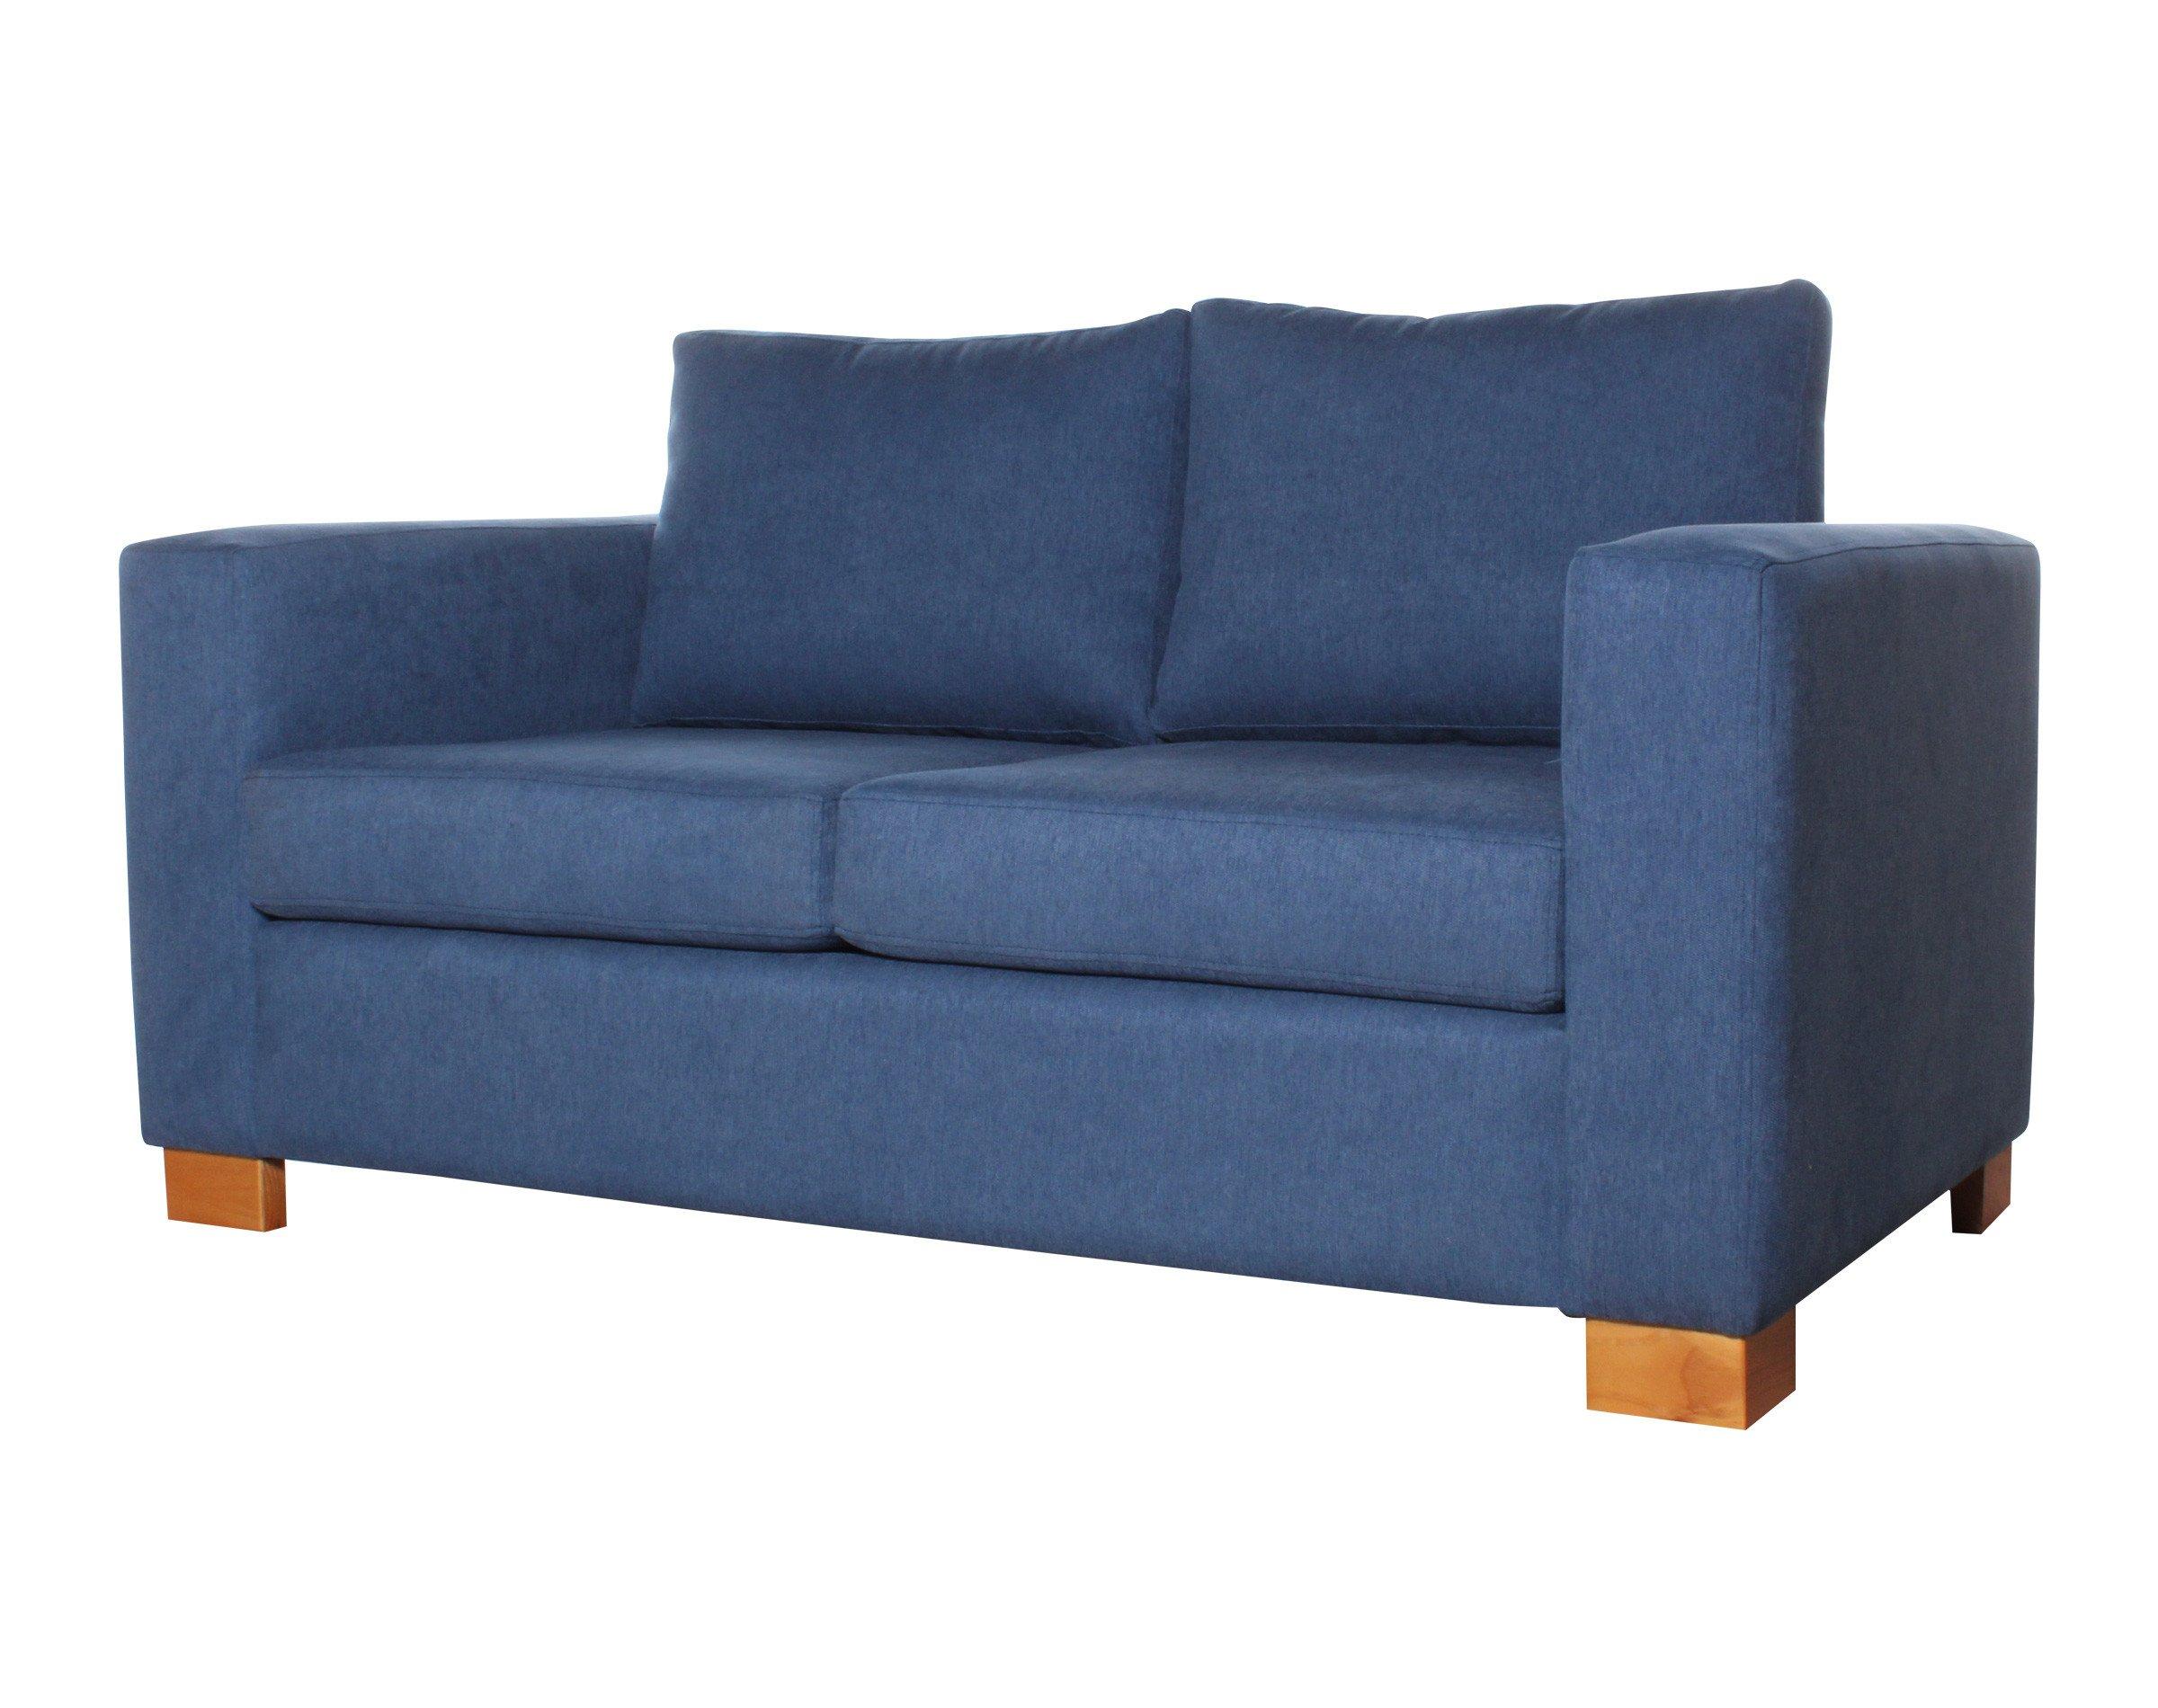 Sofa Cama 2 Cuerpos Iso 168 Cms Calafate Azulindigo